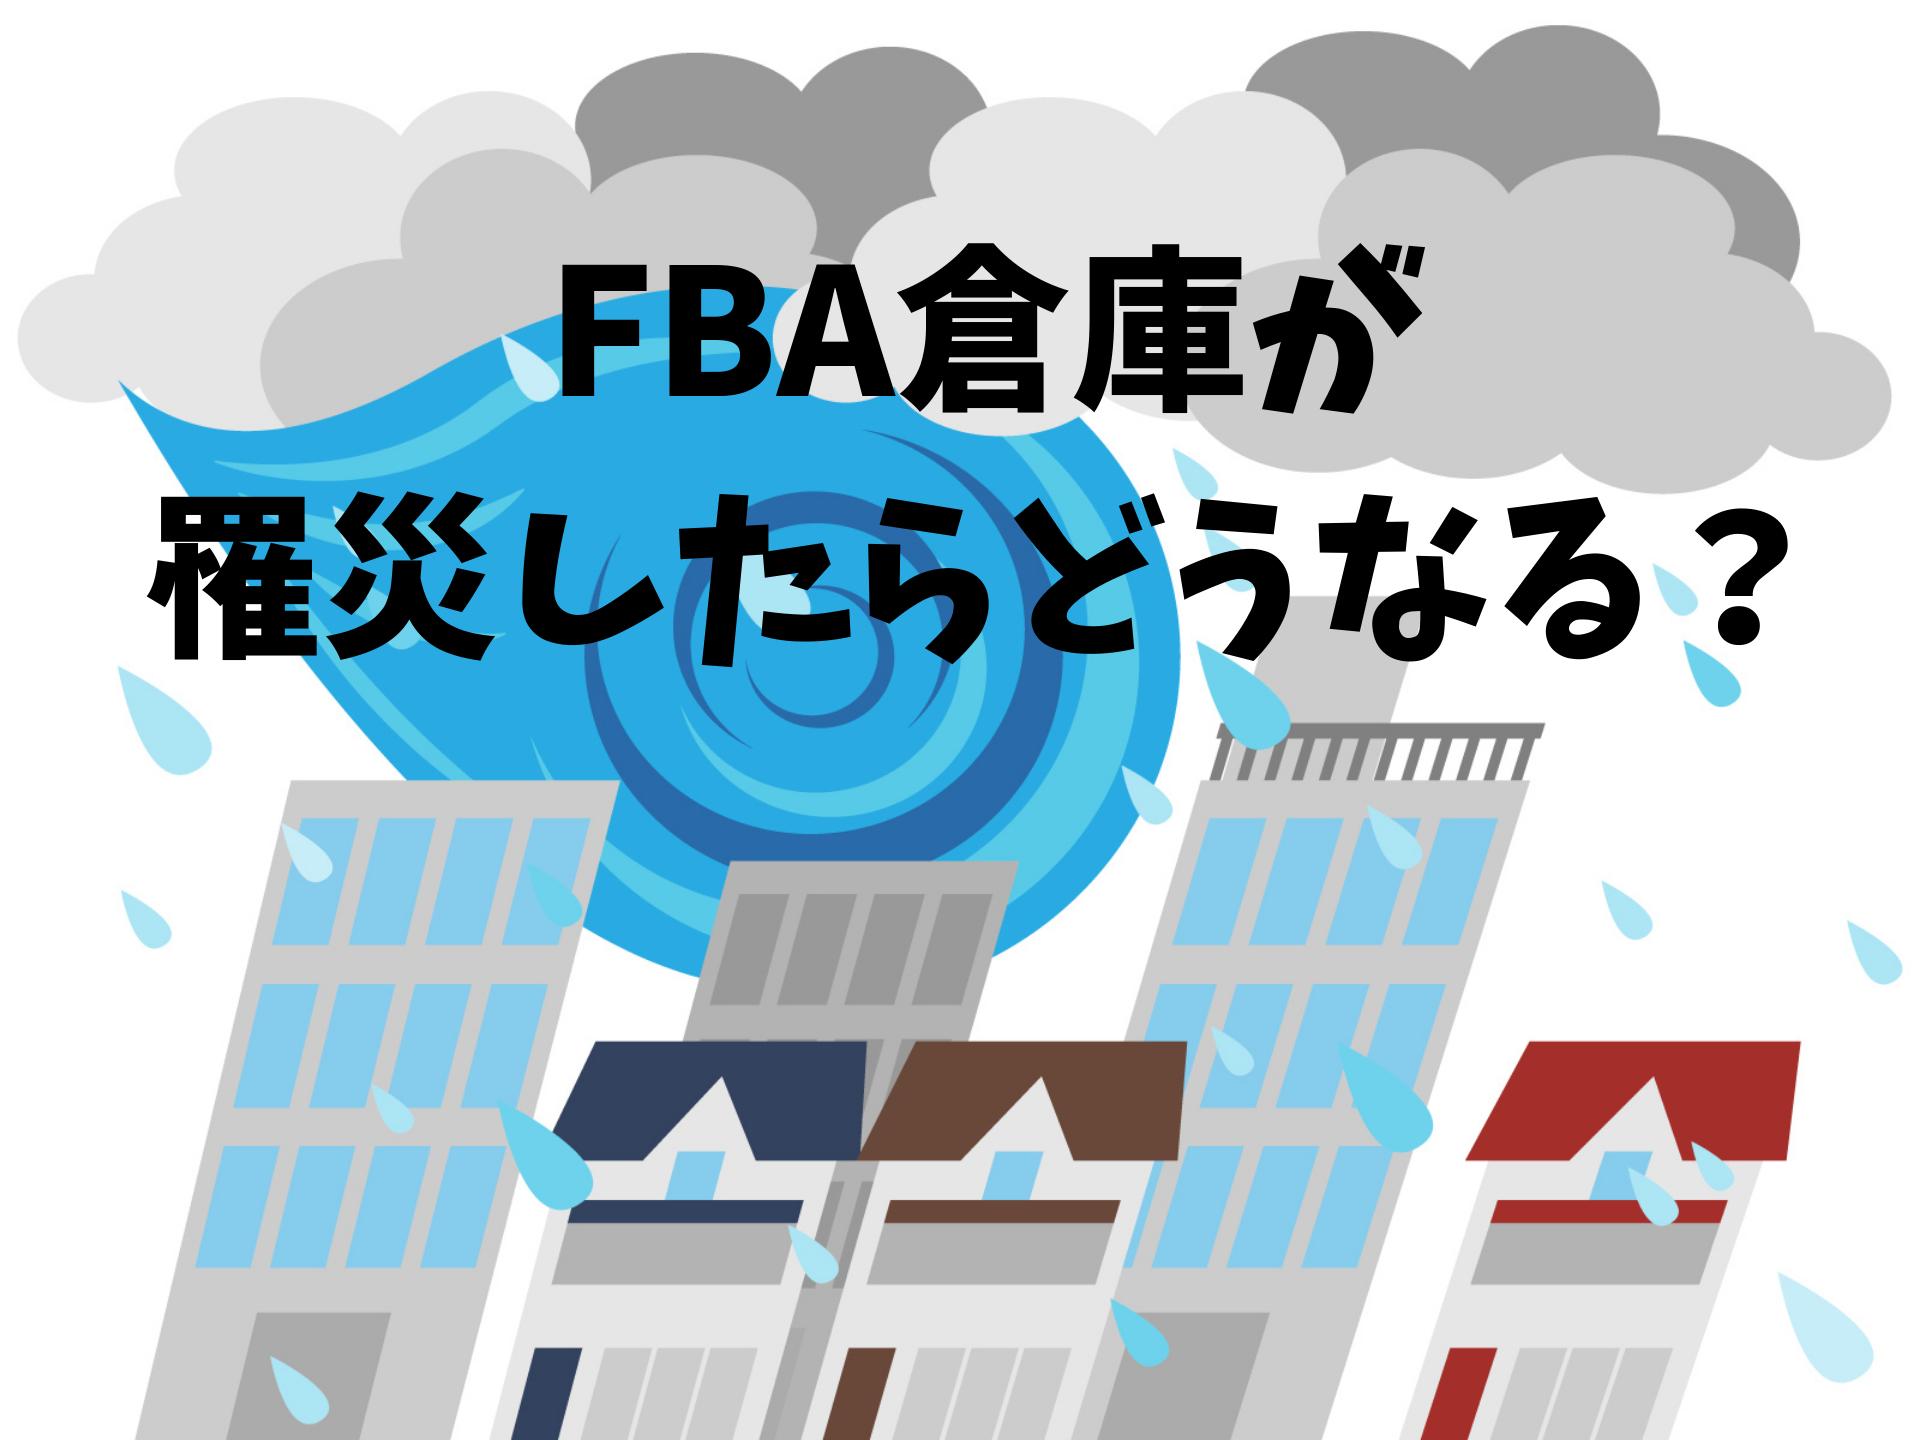 FBA倉庫が罹災した場合の補償について問い合わせてみた